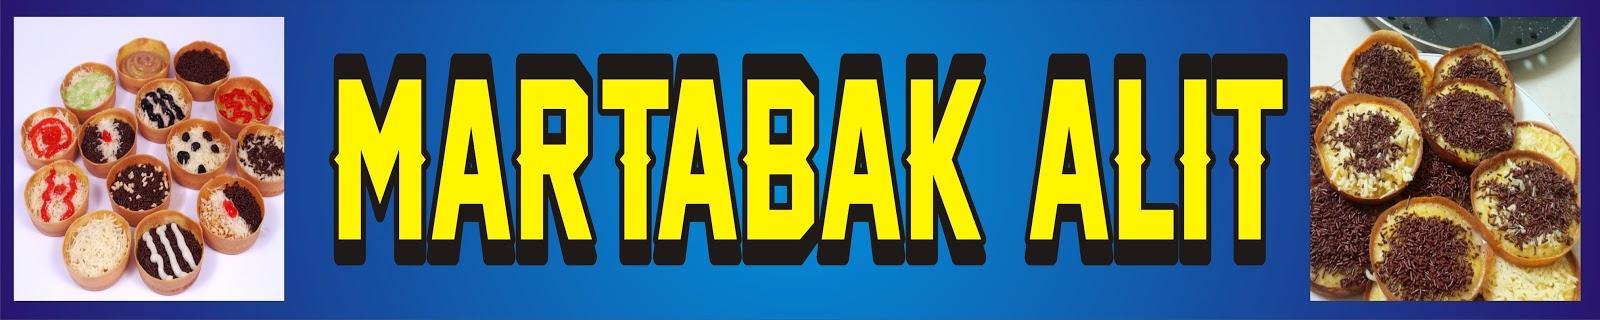 Download Contoh Spanduk Martabak Cdr Karyaku